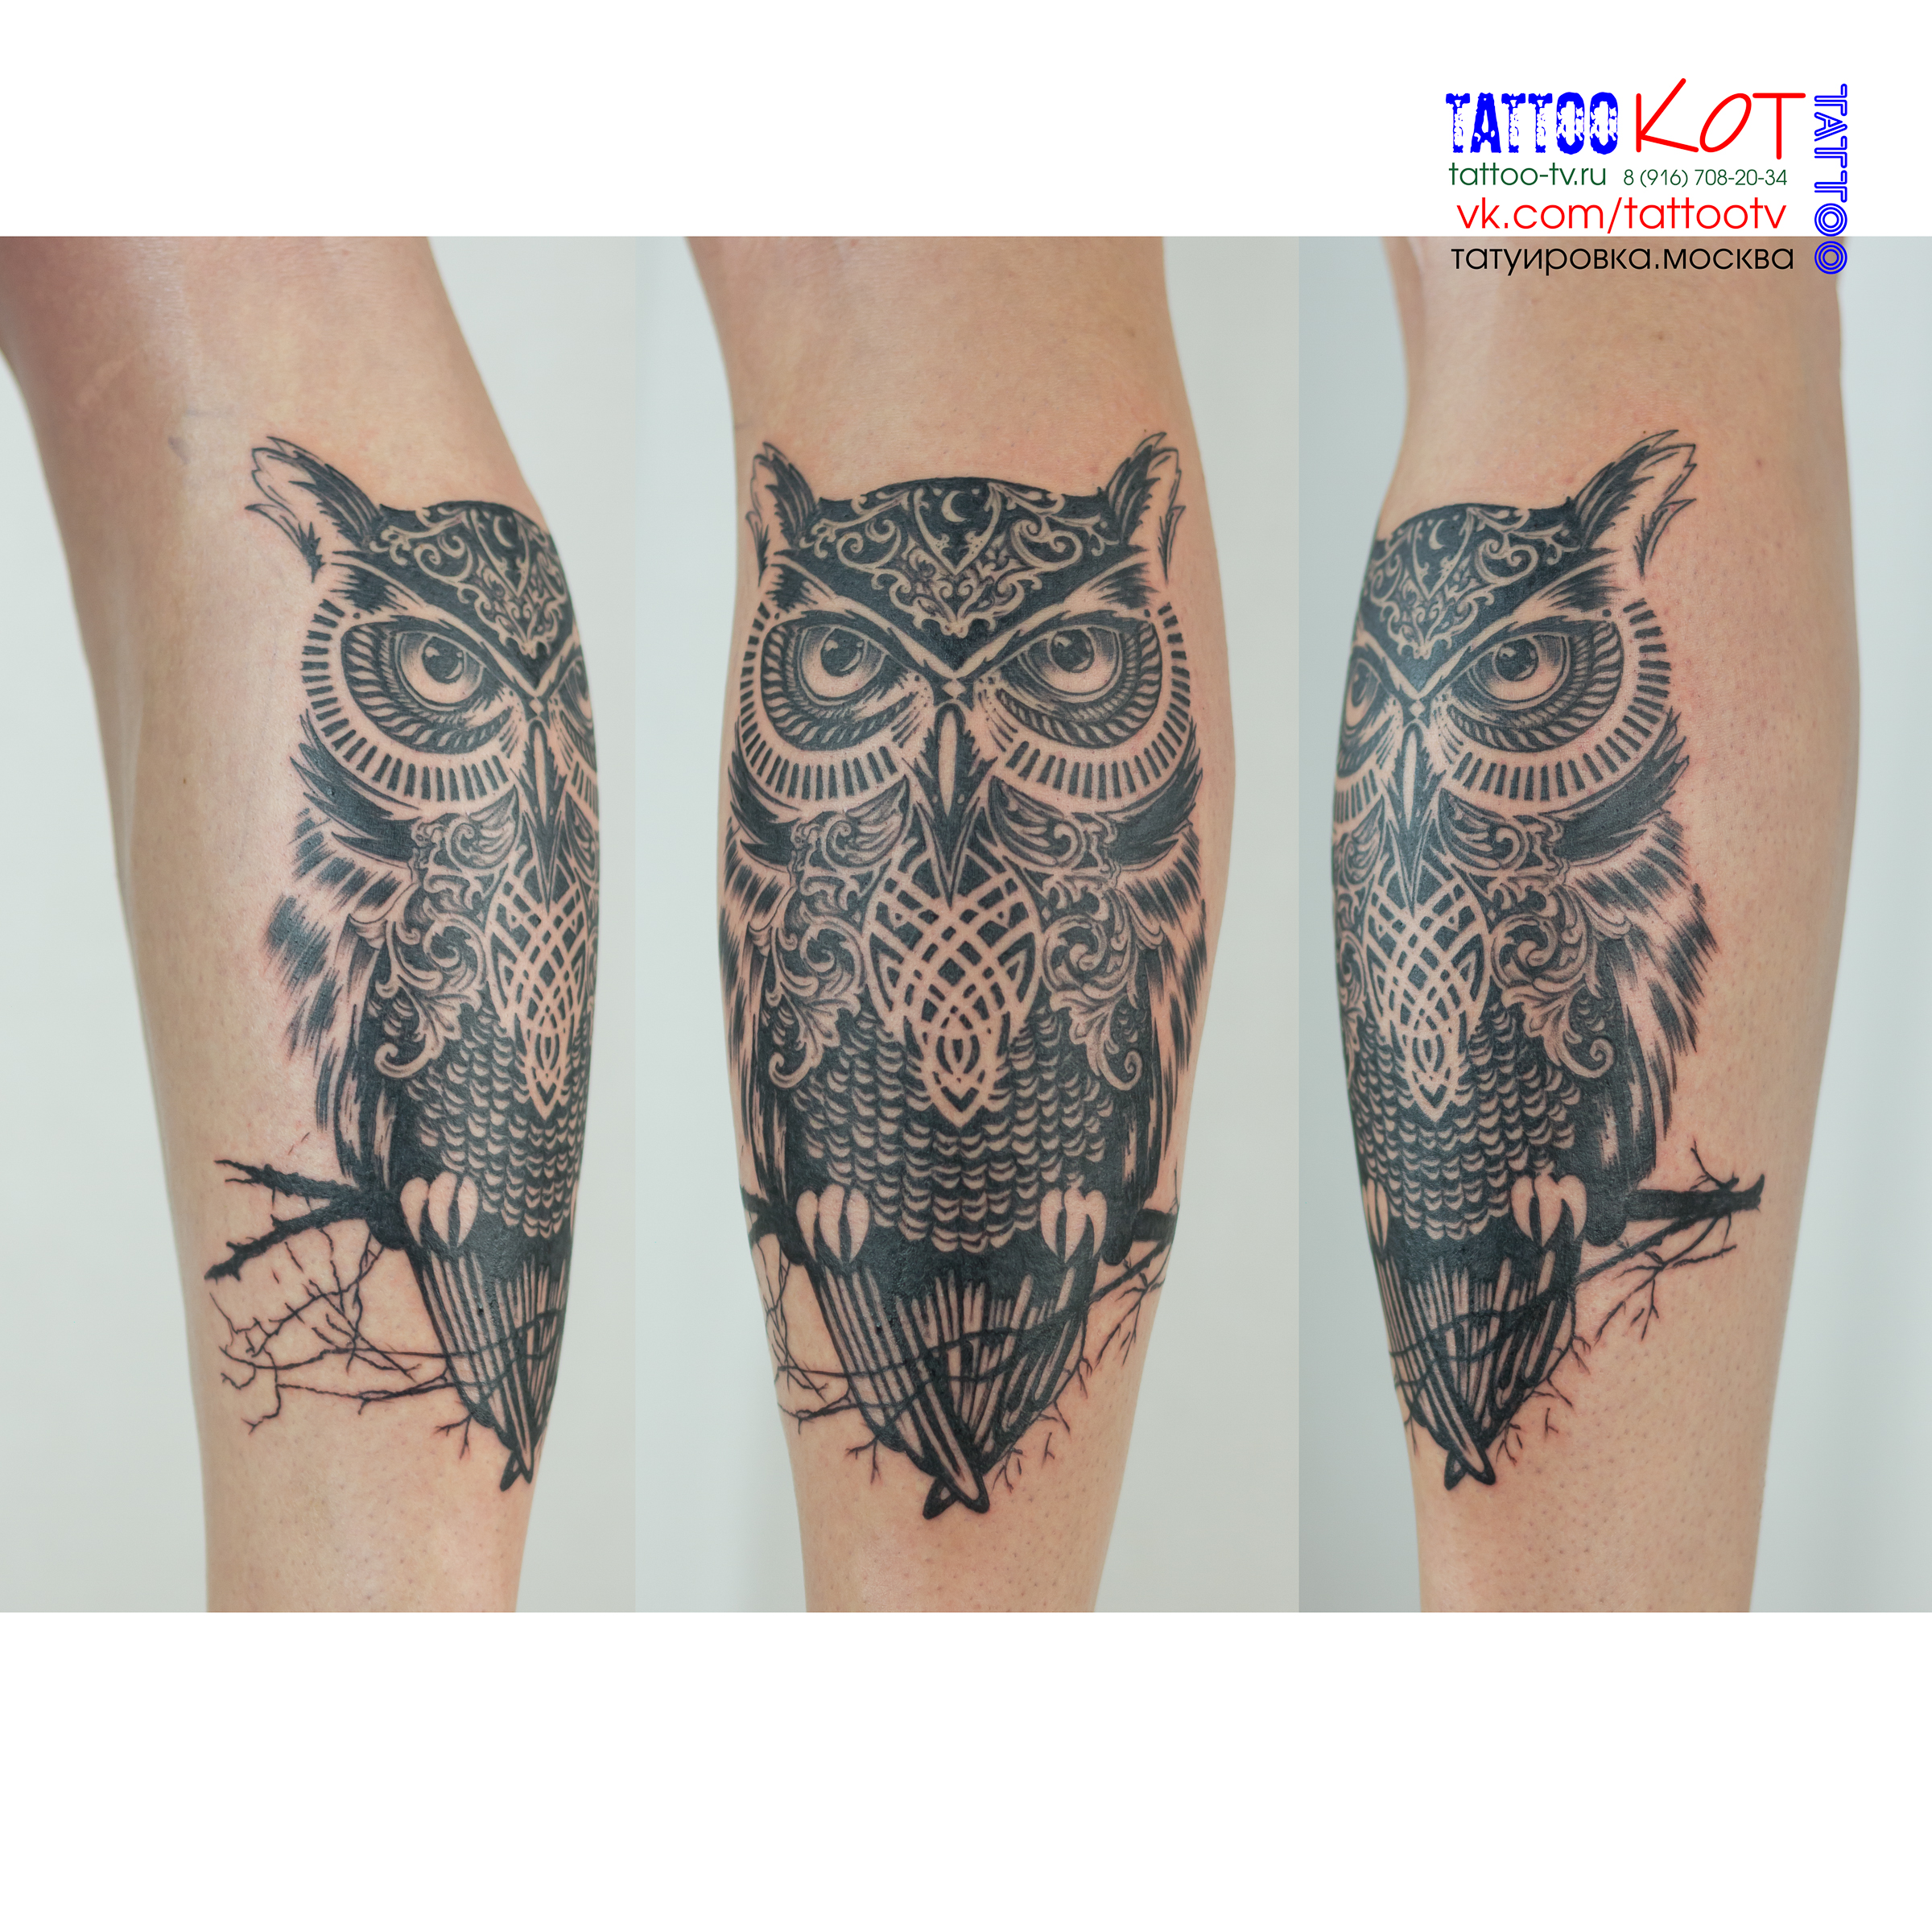 Тату Сова - Owl Tattoo